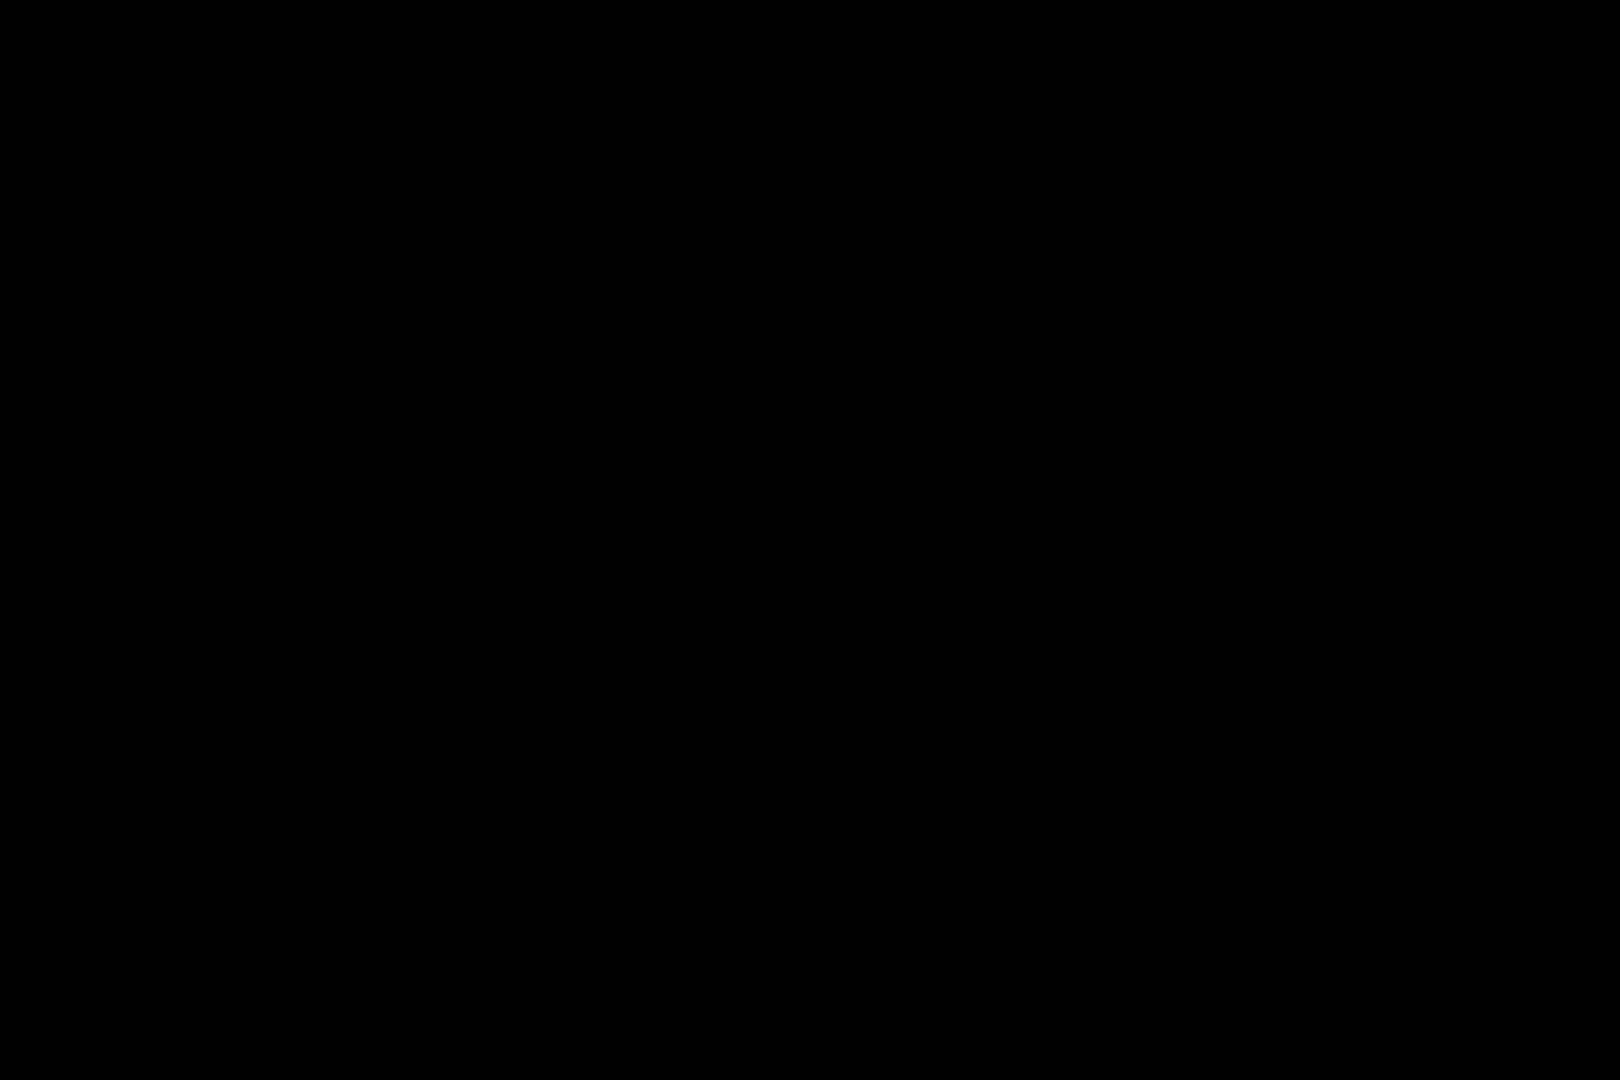 充血監督の深夜の運動会Vol.237 エッチなセックス  96画像 58